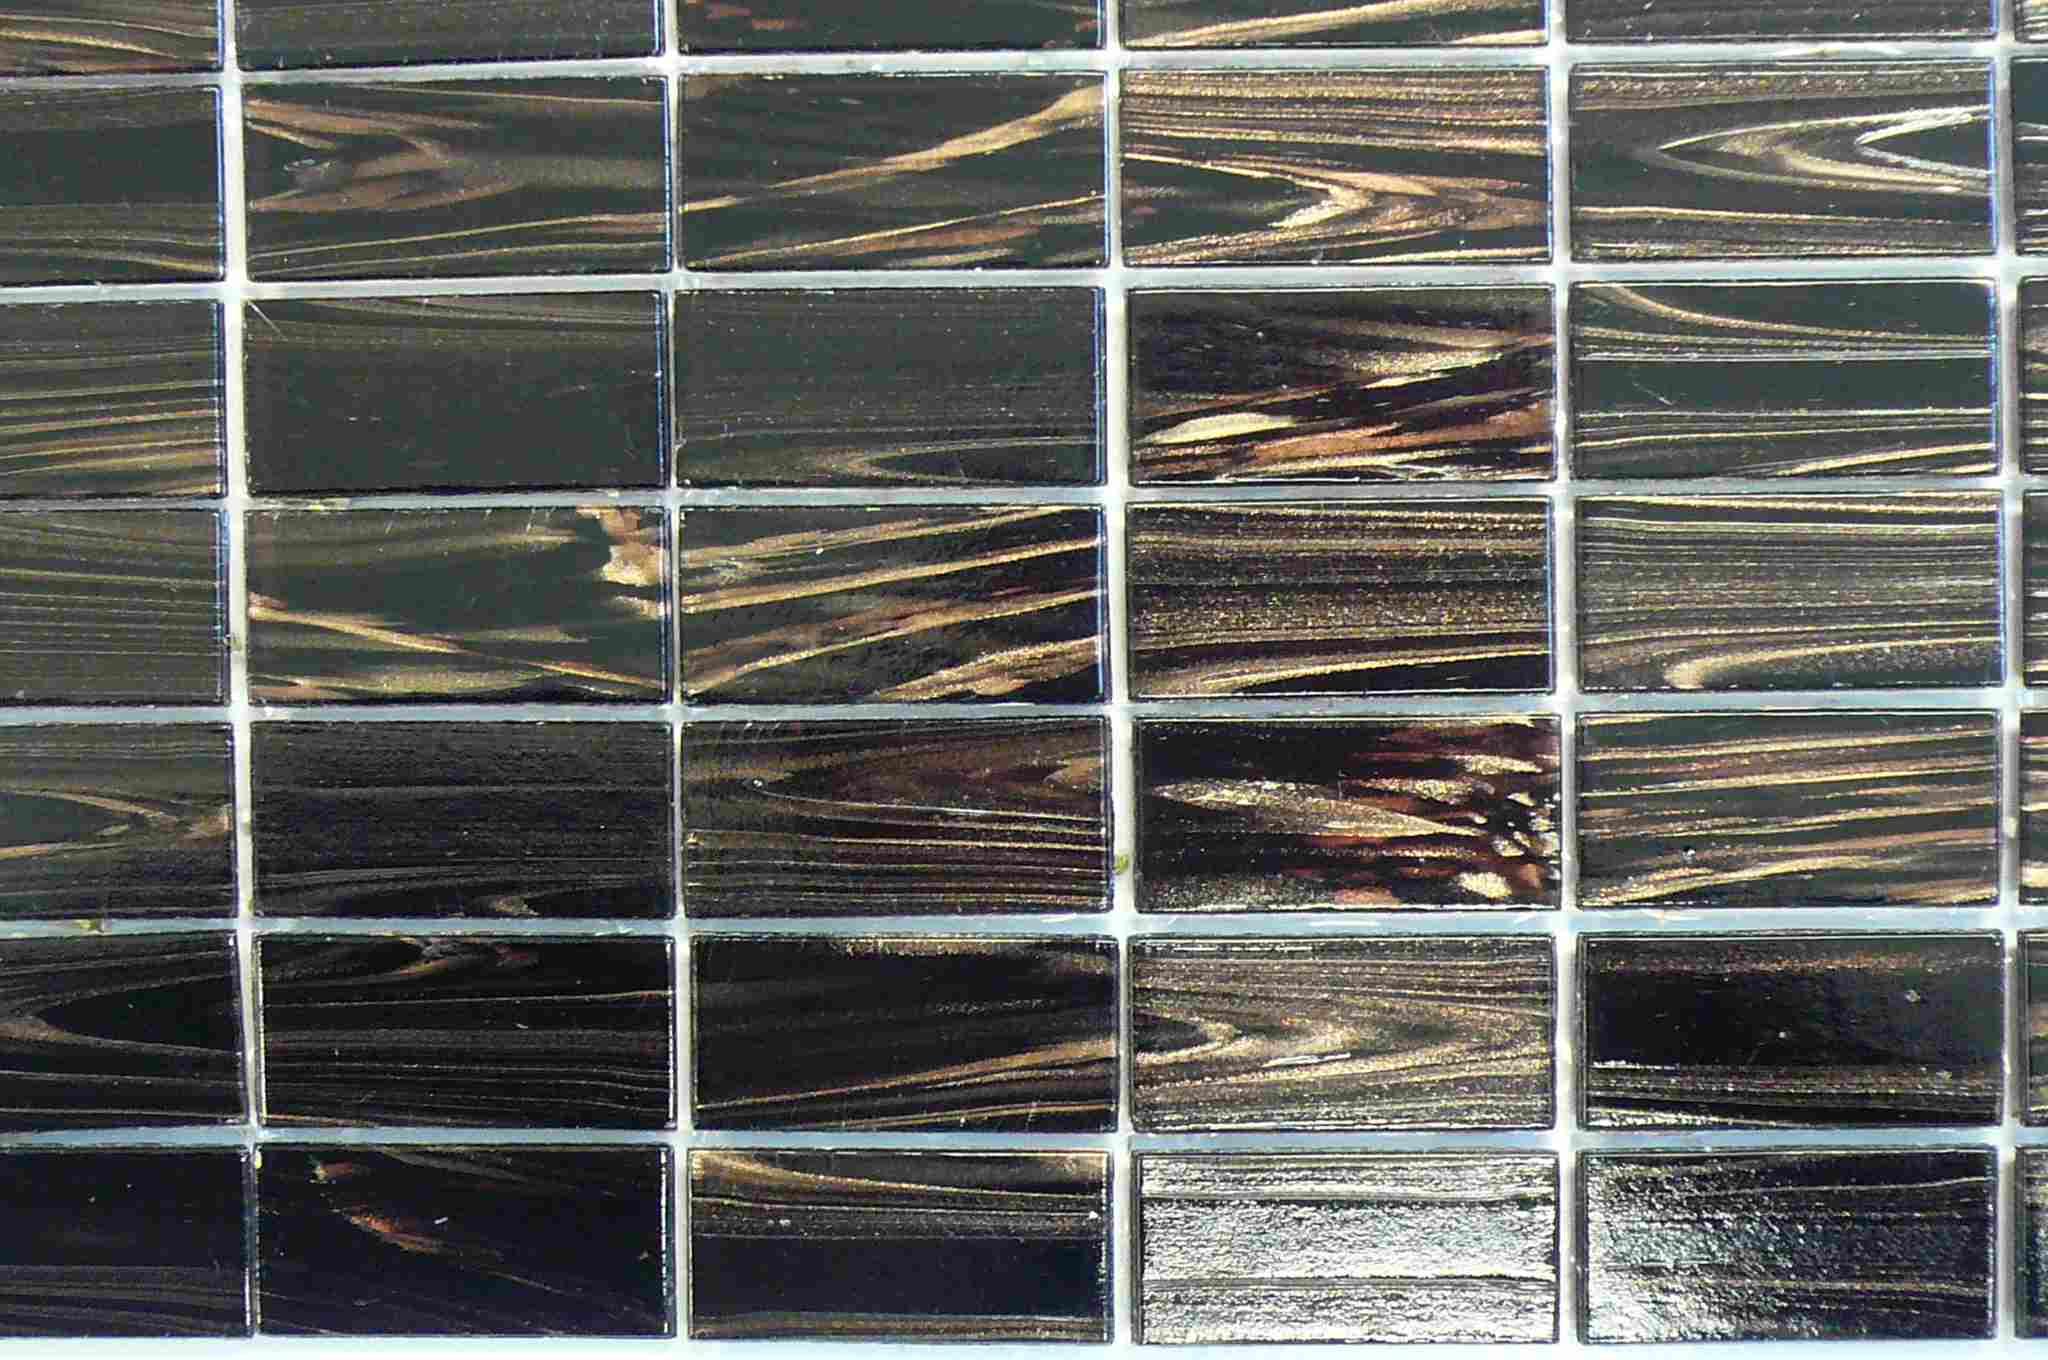 Piastrelle di vetro mosaico mosaico id prodotto 103467199 - Piastrelle di vetro ...